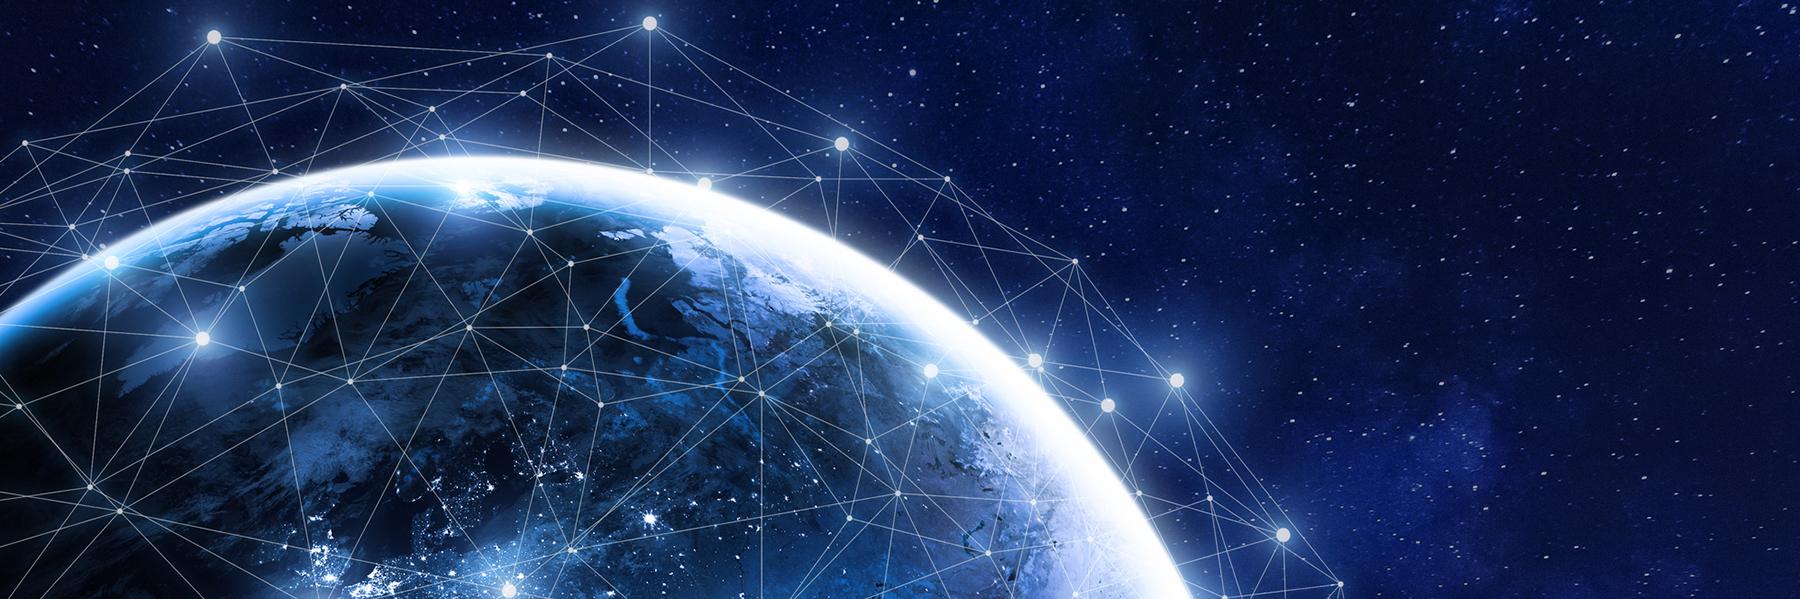 Blockchain als Basis für ein völlig neues Wirtschaften